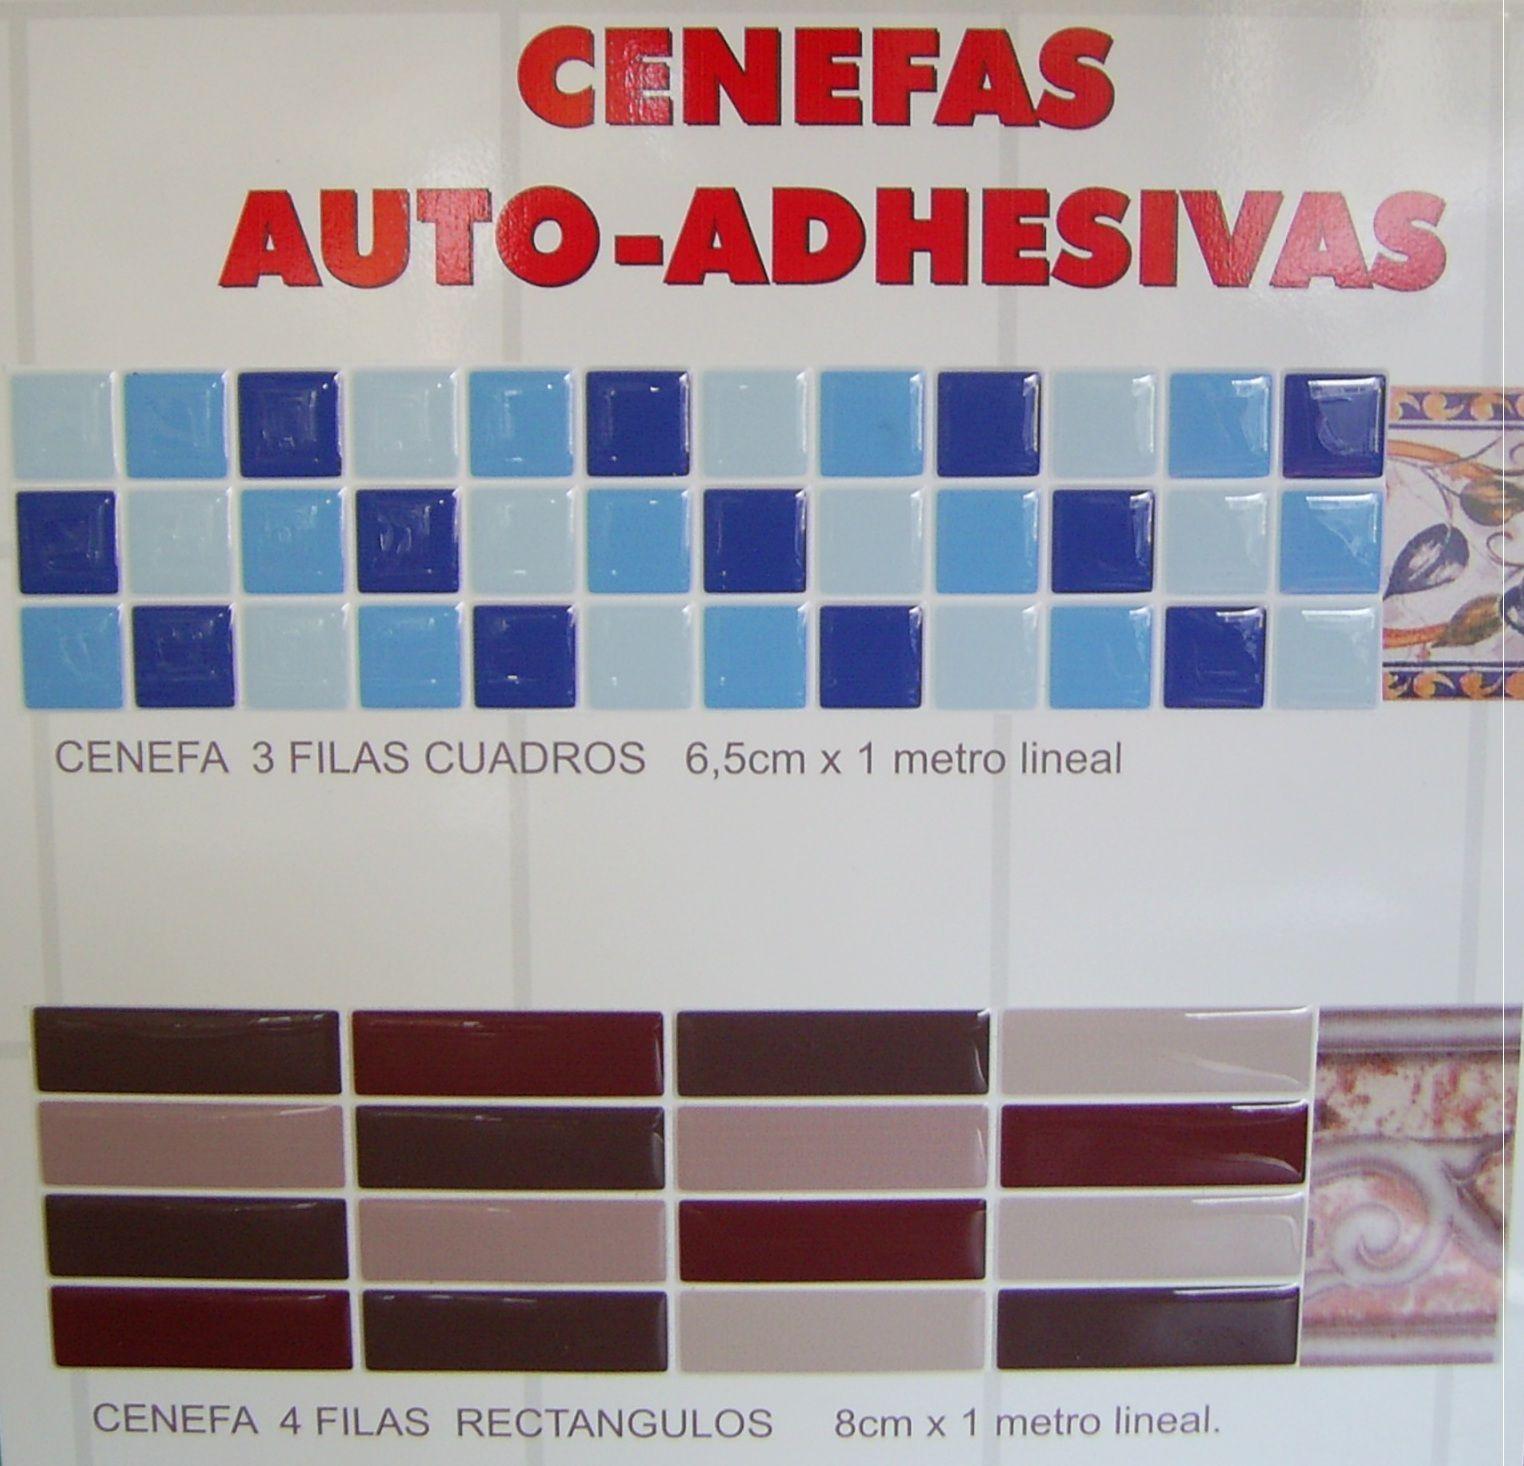 CENEFAS ADHESIVAS PARA COCINAS Y BAÑOS | Decoració | Pinterest ...